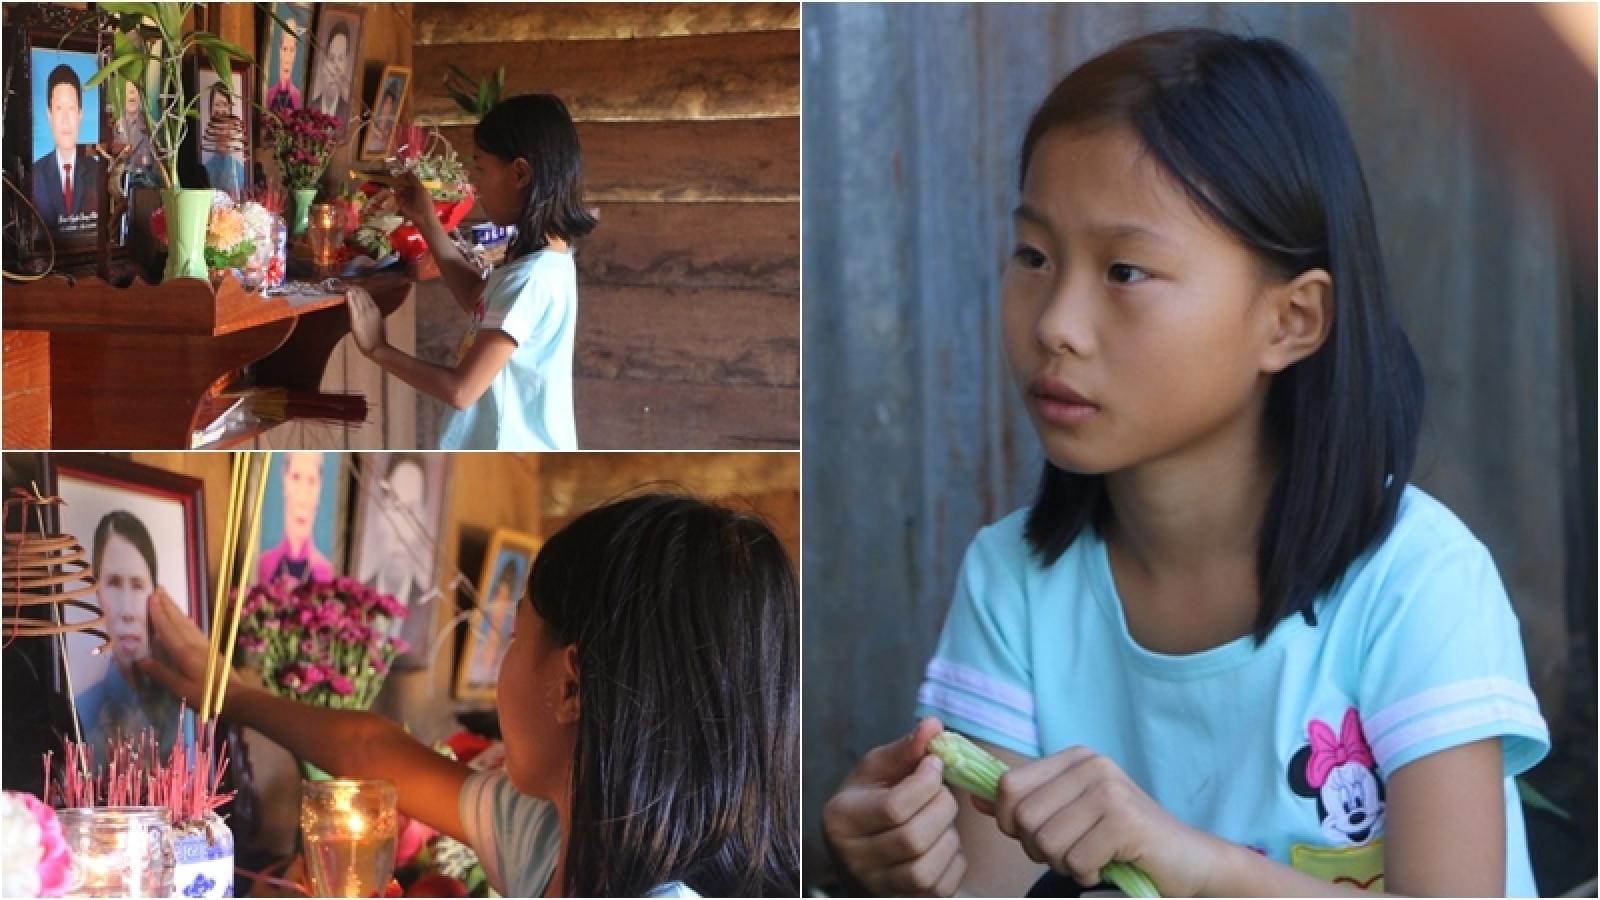 Xót xa cảnh cô bé mồ côi, món quà quý giá nhất còn lại của mẹ là một bộ sách giáo khoa